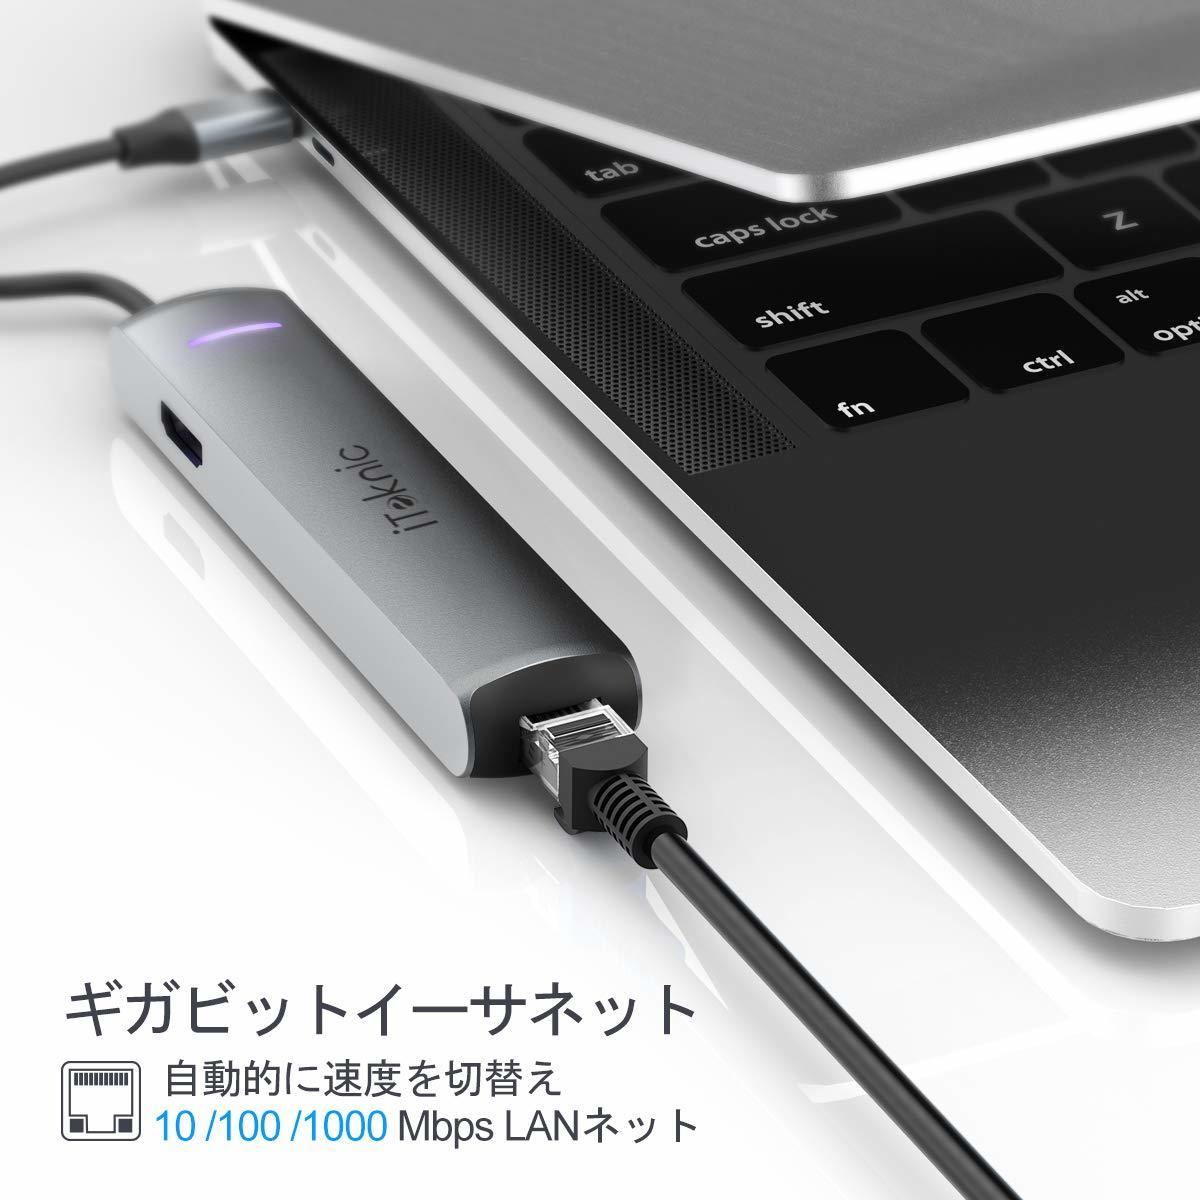 USB C ハブ Type C ハブ iTeknic USB ハブ USB 3.0ポート*3 PD充電 HDMI 4Kビデオ LANポート USBハブ 6ポート 高速データ転送 アルミニウム_画像5